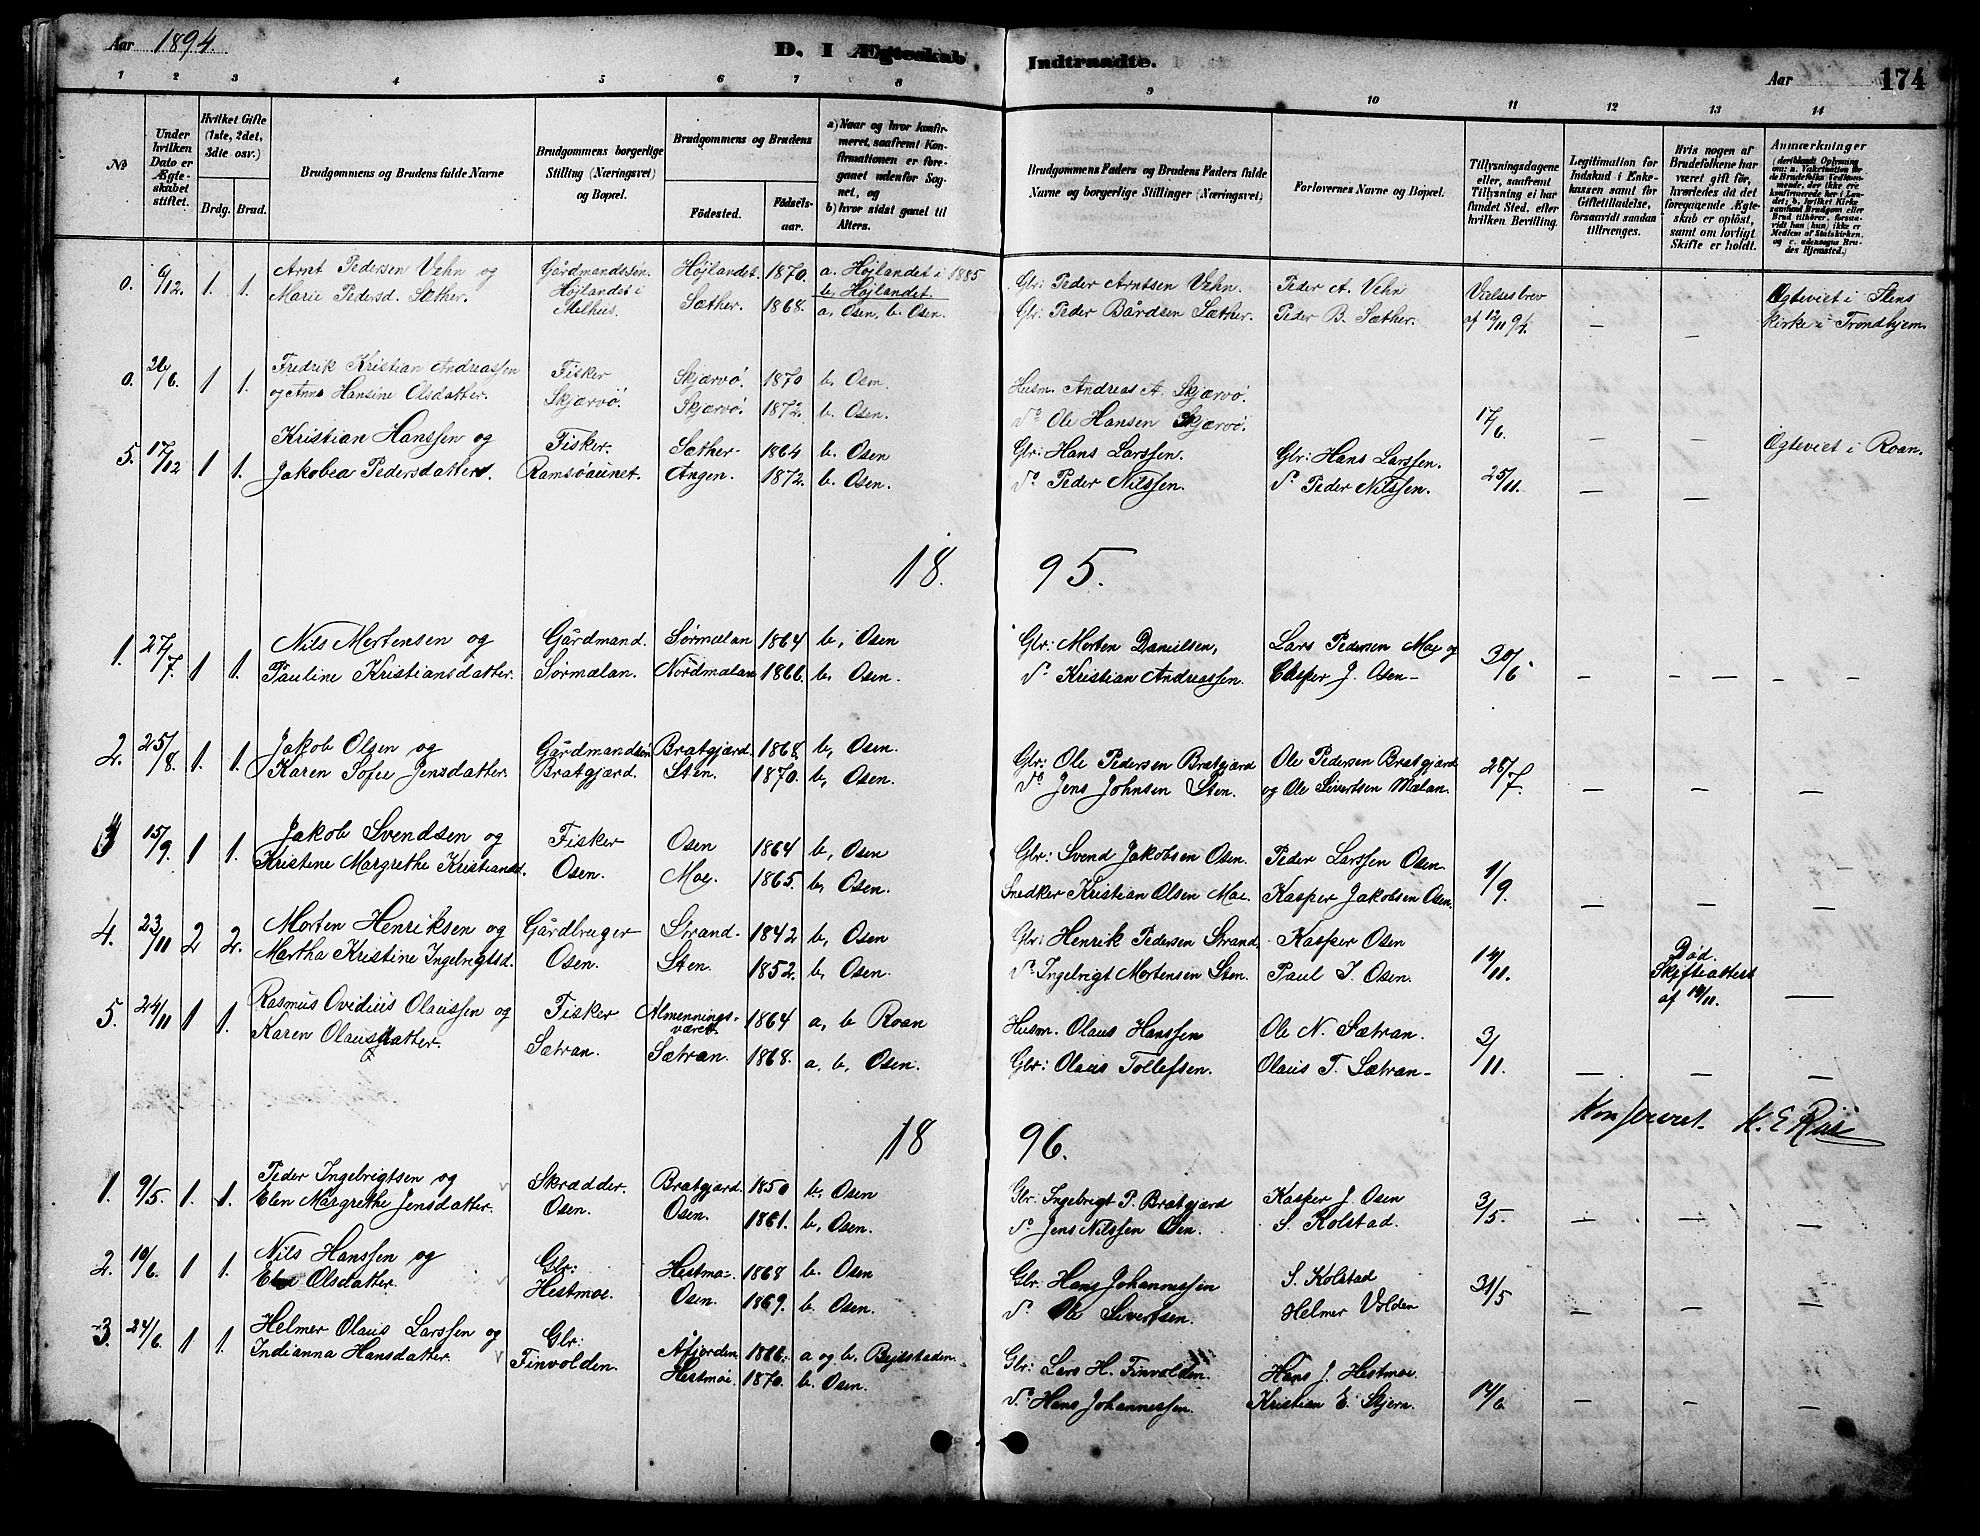 SAT, Ministerialprotokoller, klokkerbøker og fødselsregistre - Sør-Trøndelag, 658/L0726: Klokkerbok nr. 658C02, 1883-1908, s. 174